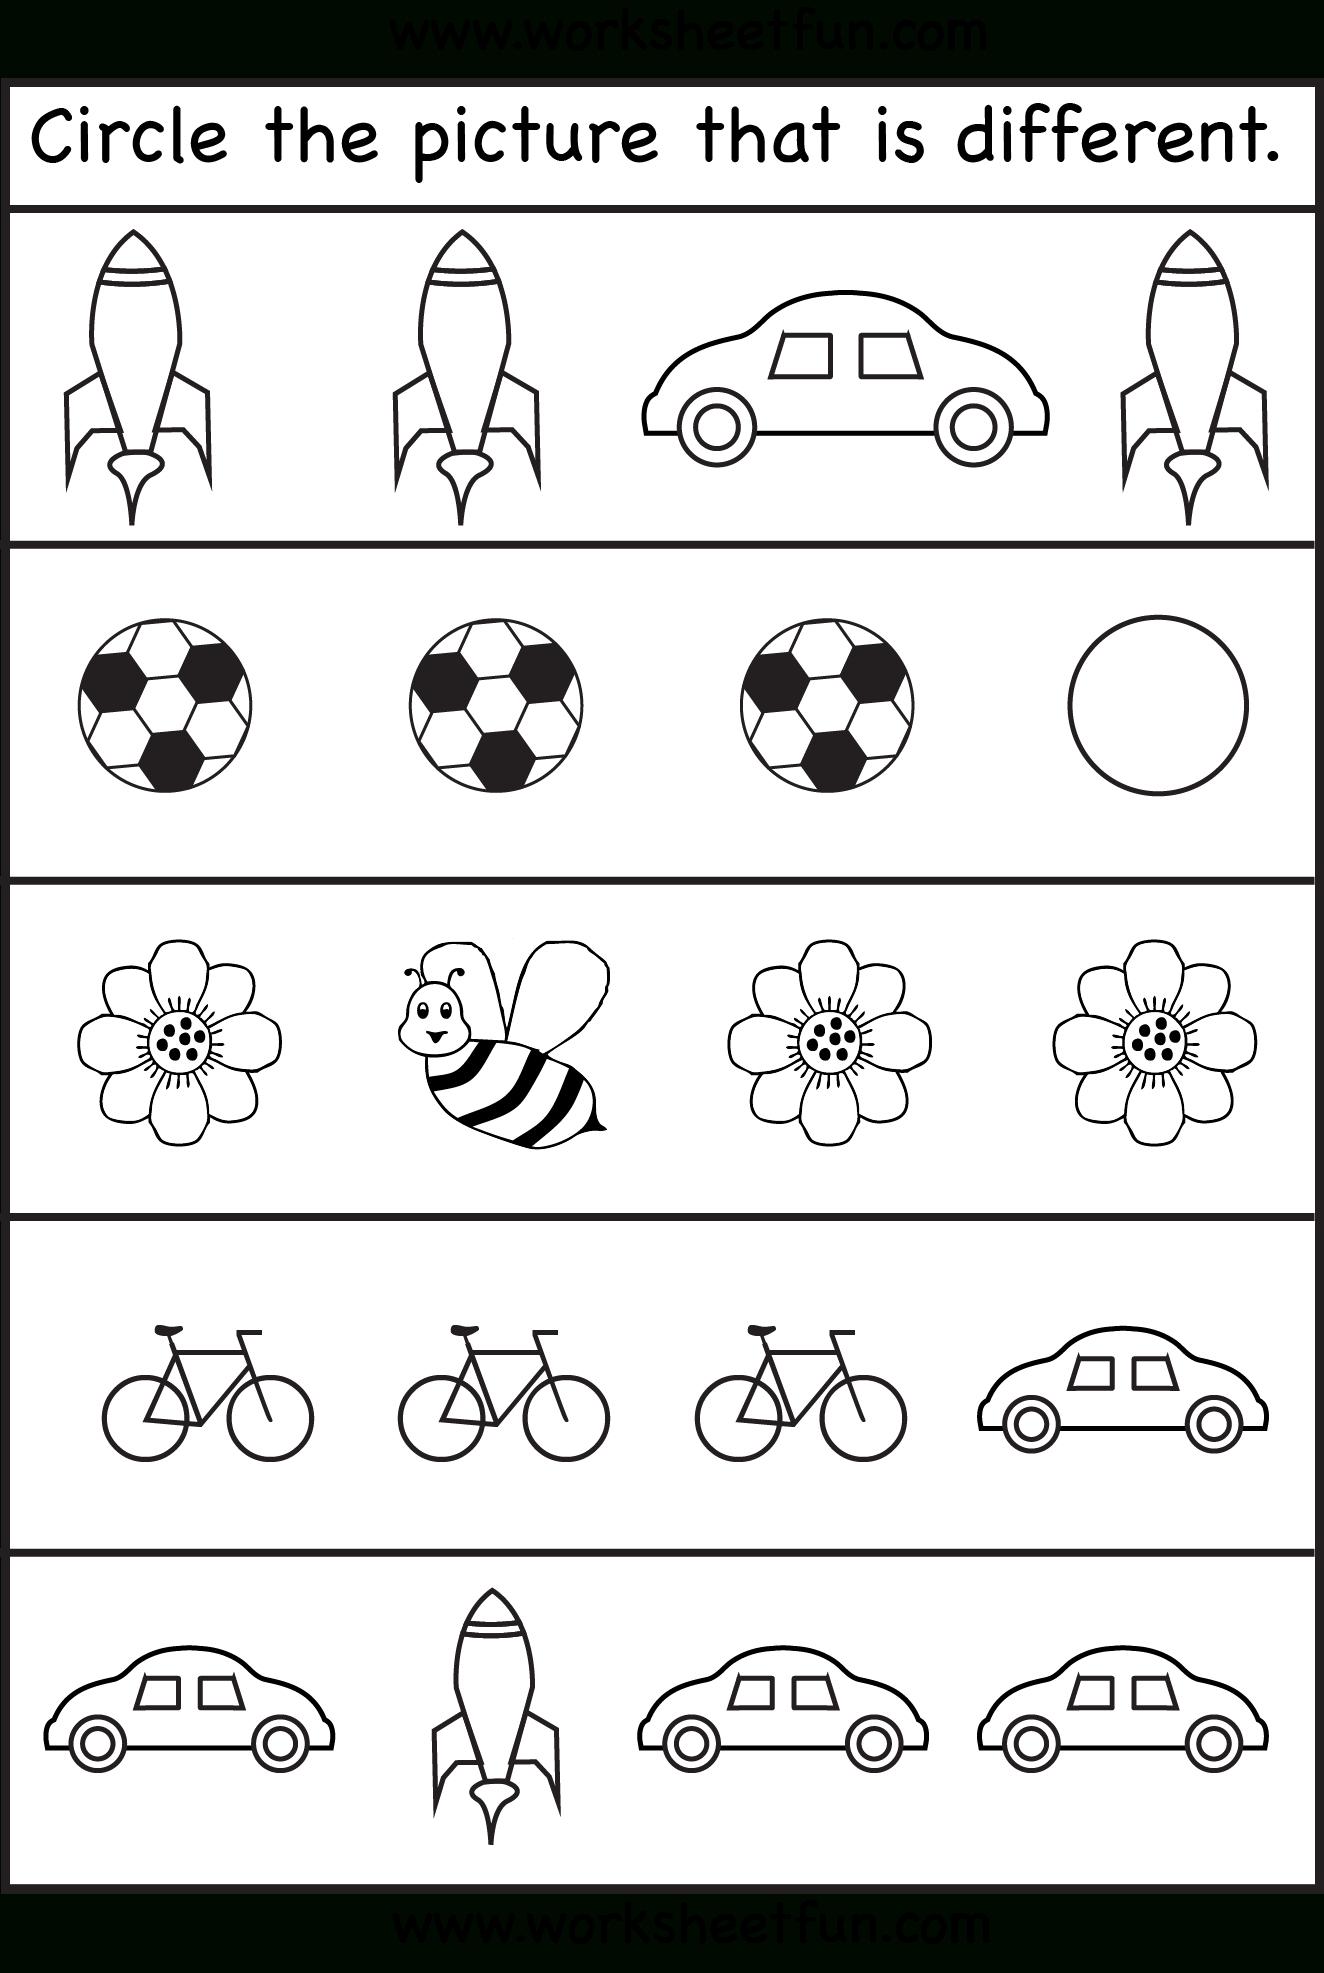 Same Or Different Worksheets For Toddler | Kids Worksheets Printable | Printable Toddler Worksheets